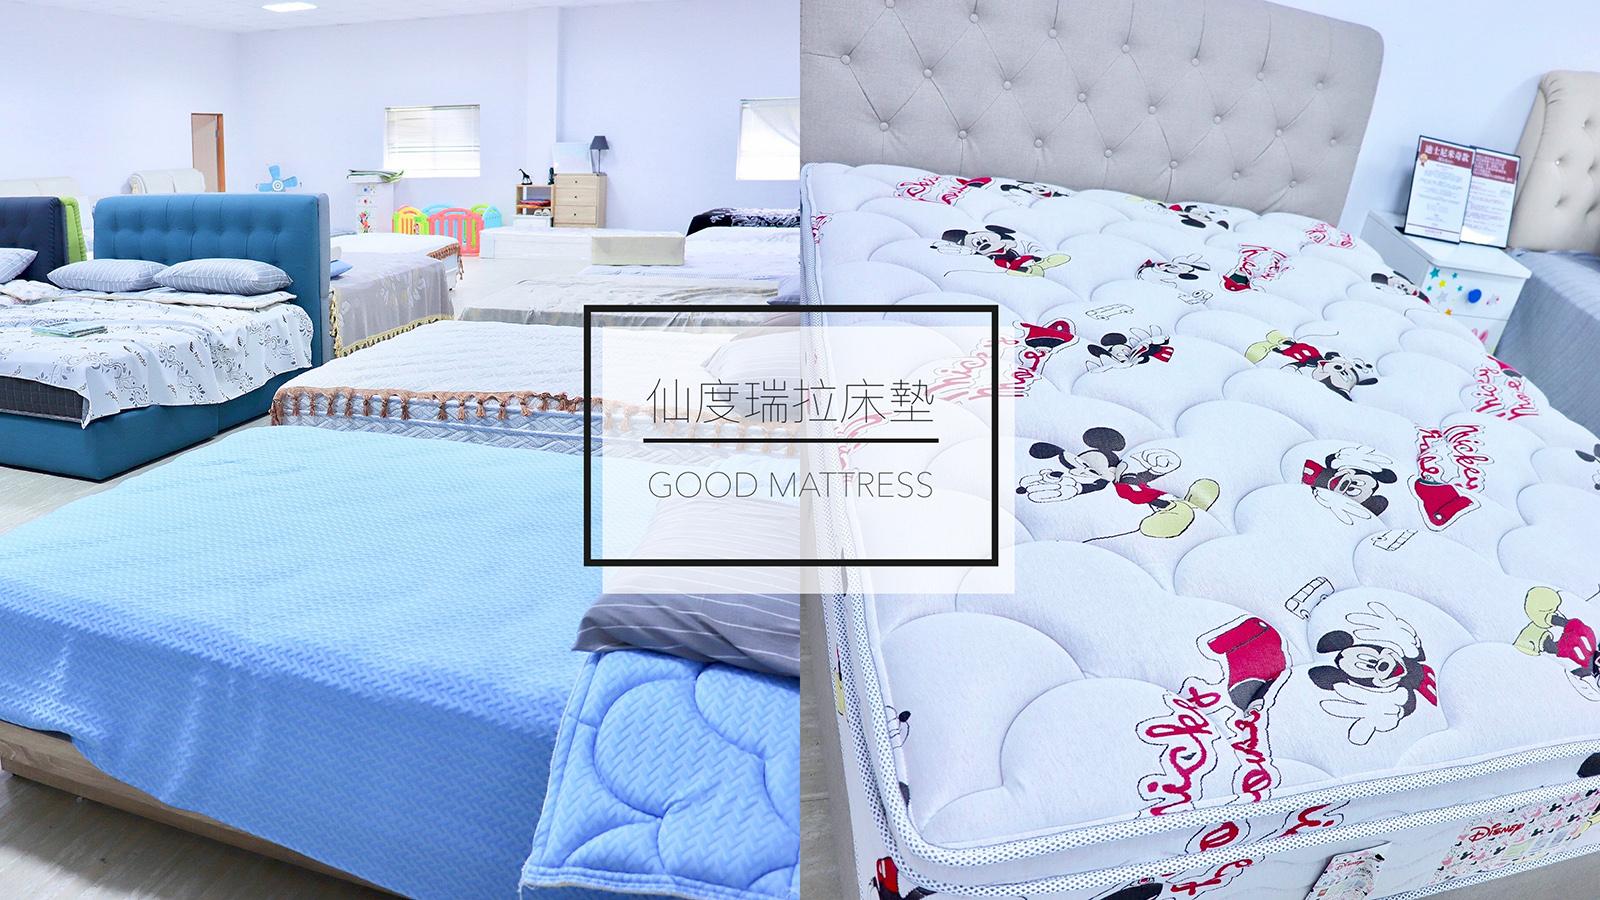 即時熱門文章:☆【居家】仙度瑞拉床墊。樹林工廠直營床墊 製床、試躺完整體驗